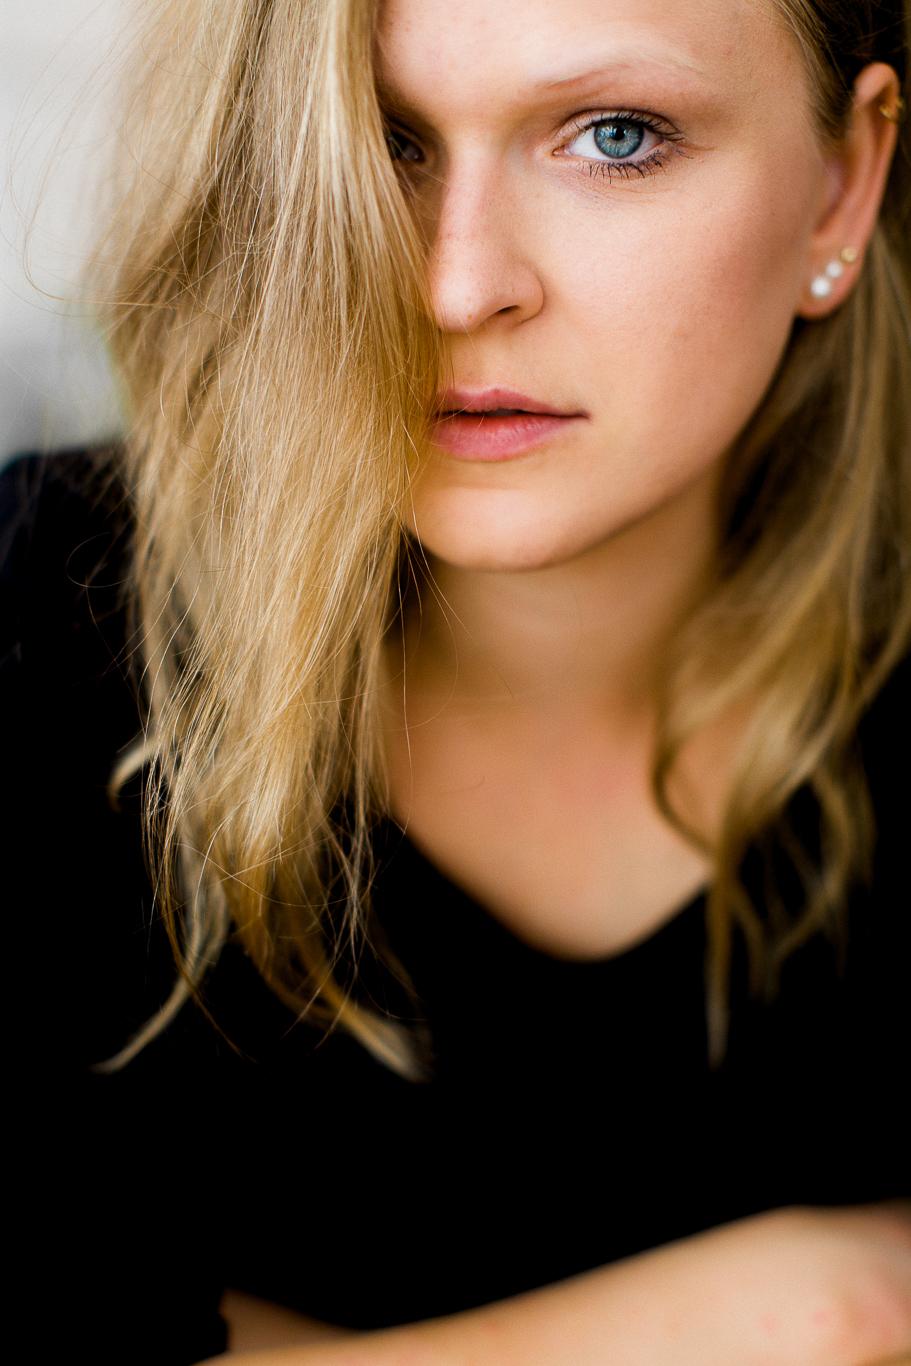 Alina Loewenich